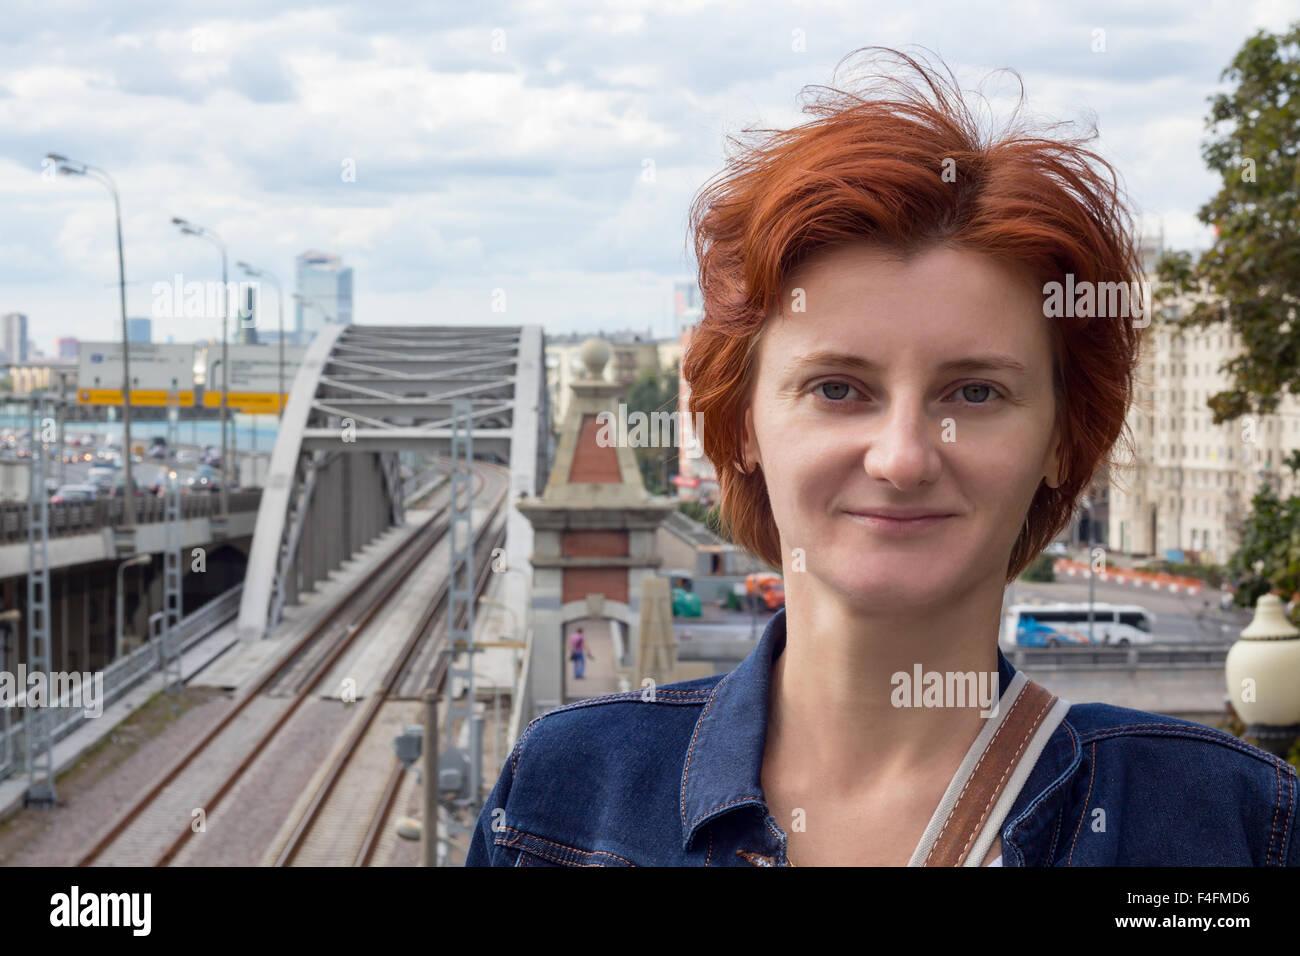 Porträt eines Mädchens auf dem Hintergrund des Stadtbildes Stockbild